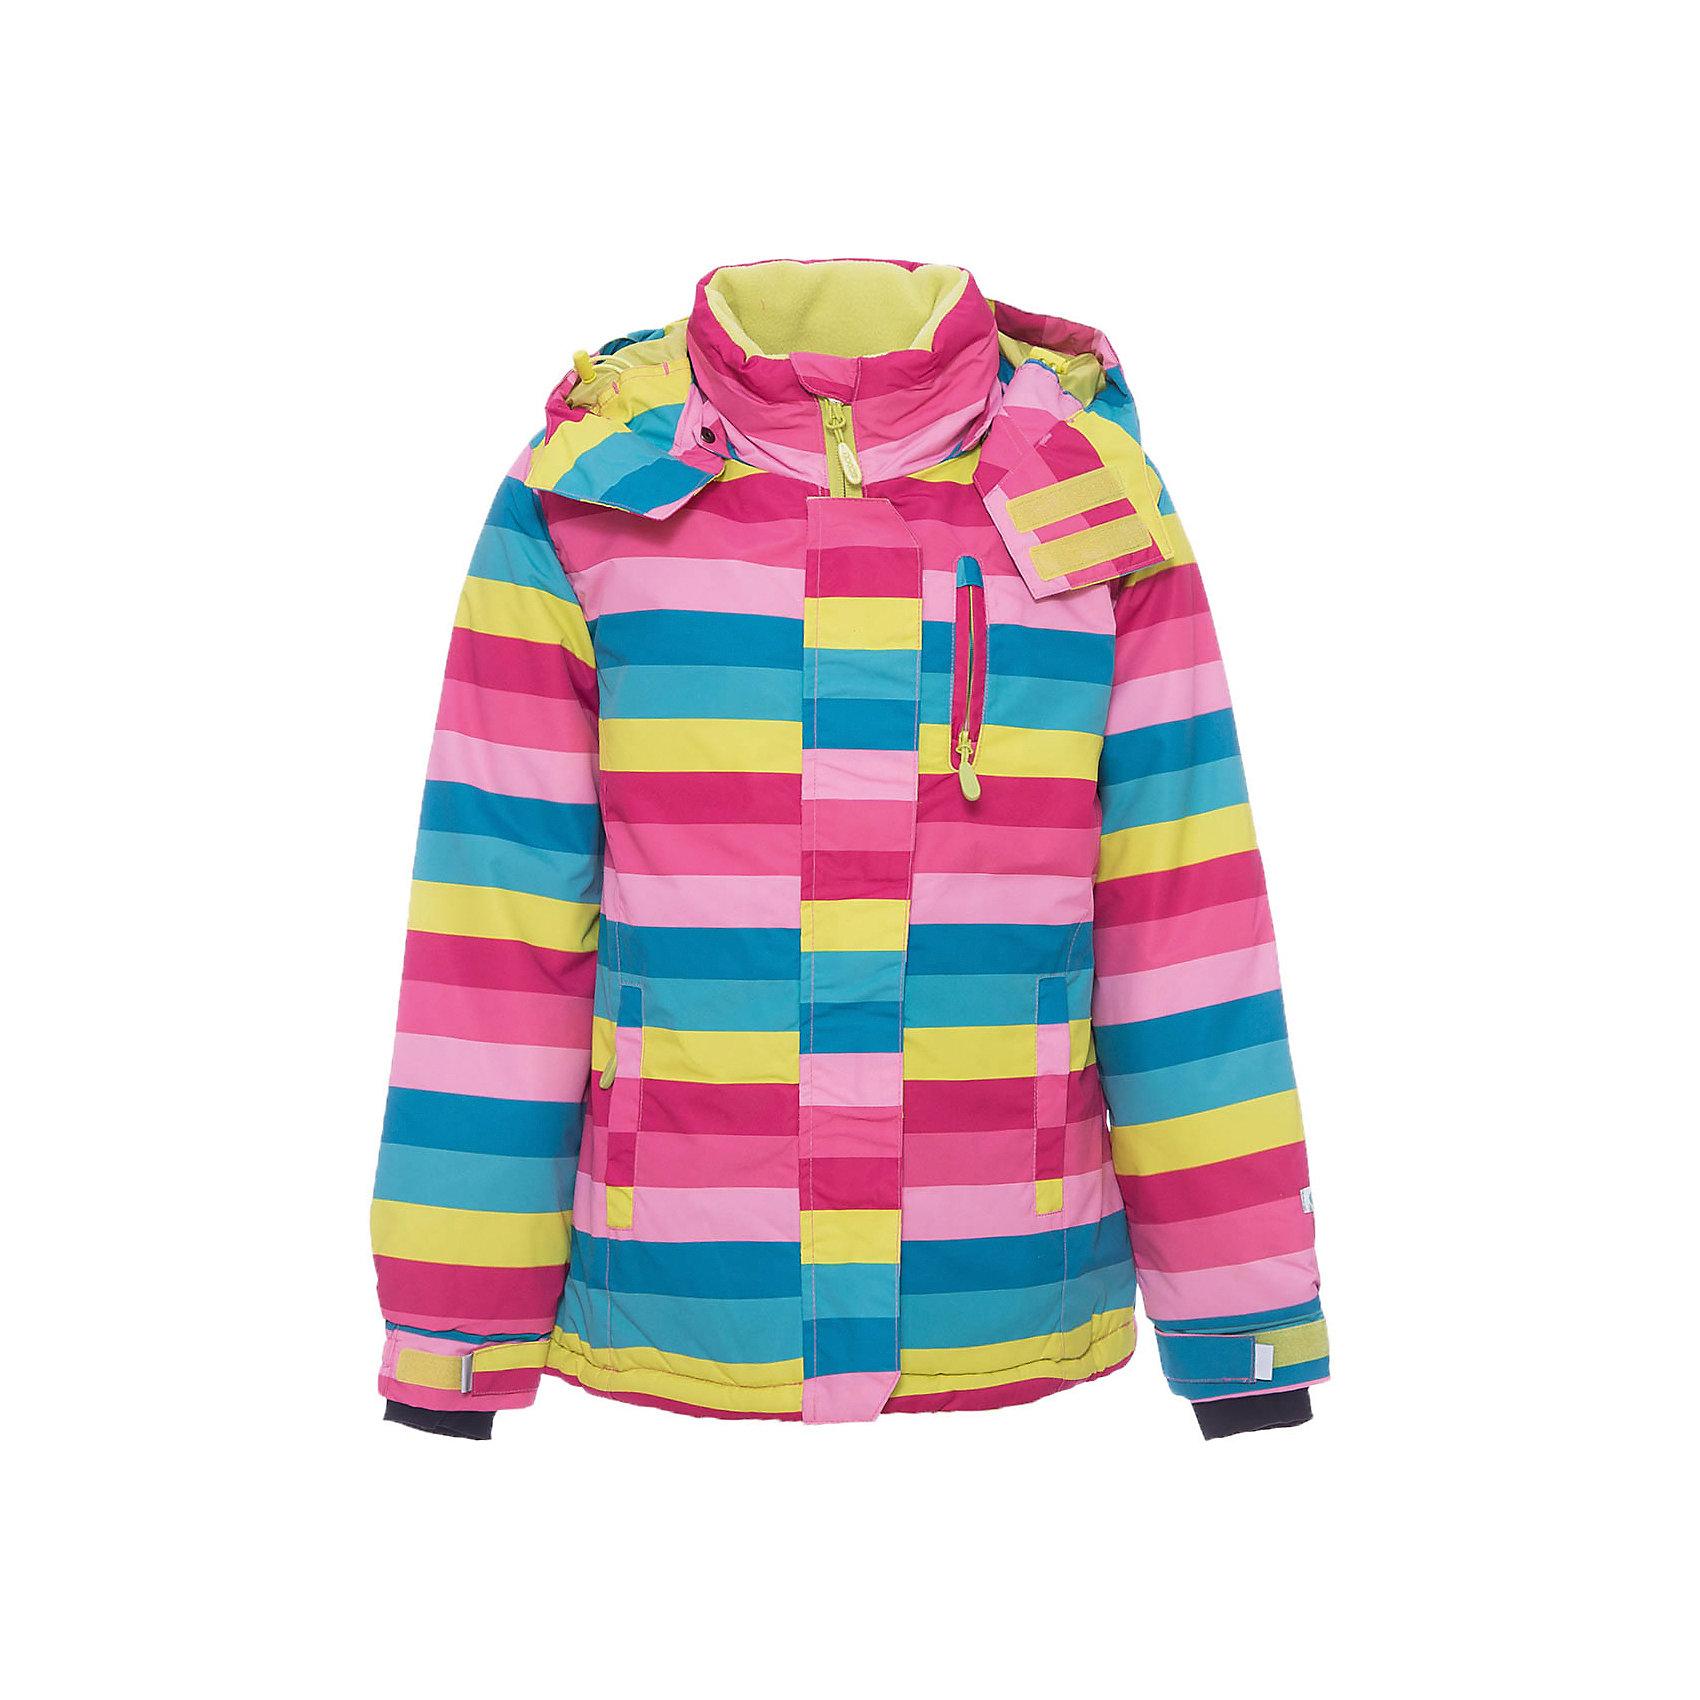 Куртка для девочки ScoolКуртка для девочки Scool – надежная защита от холода и дождя.<br>Яркая куртка сделана из непромокаемого материала. Специальная ветрозащитная планка на липучках у капюшона позволяет защитить шею от продувания. Низ куртки можно затянуть стопером. Под внешним слоем, внизу, есть подкладка, застегнув которую, ребенок также будет защищен от ветра. От попадания снега или воды в рукава на куртке предусмотрены трикотажные манжеты с отверстием для пальца. <br><br>Дополнительная информация:<br><br>- материал: верх и подкладка – 100% полиэстер, наполнитель 100% полиэстер<br>- цвет: желтый, розовый, голубой<br><br>Куртка для девочки Scool можно купить в нашем интернет магазине.<br><br>Ширина мм: 356<br>Глубина мм: 10<br>Высота мм: 245<br>Вес г: 519<br>Цвет: разноцветный<br>Возраст от месяцев: 96<br>Возраст до месяцев: 108<br>Пол: Женский<br>Возраст: Детский<br>Размер: 134,146,152,140,158,164<br>SKU: 4911773